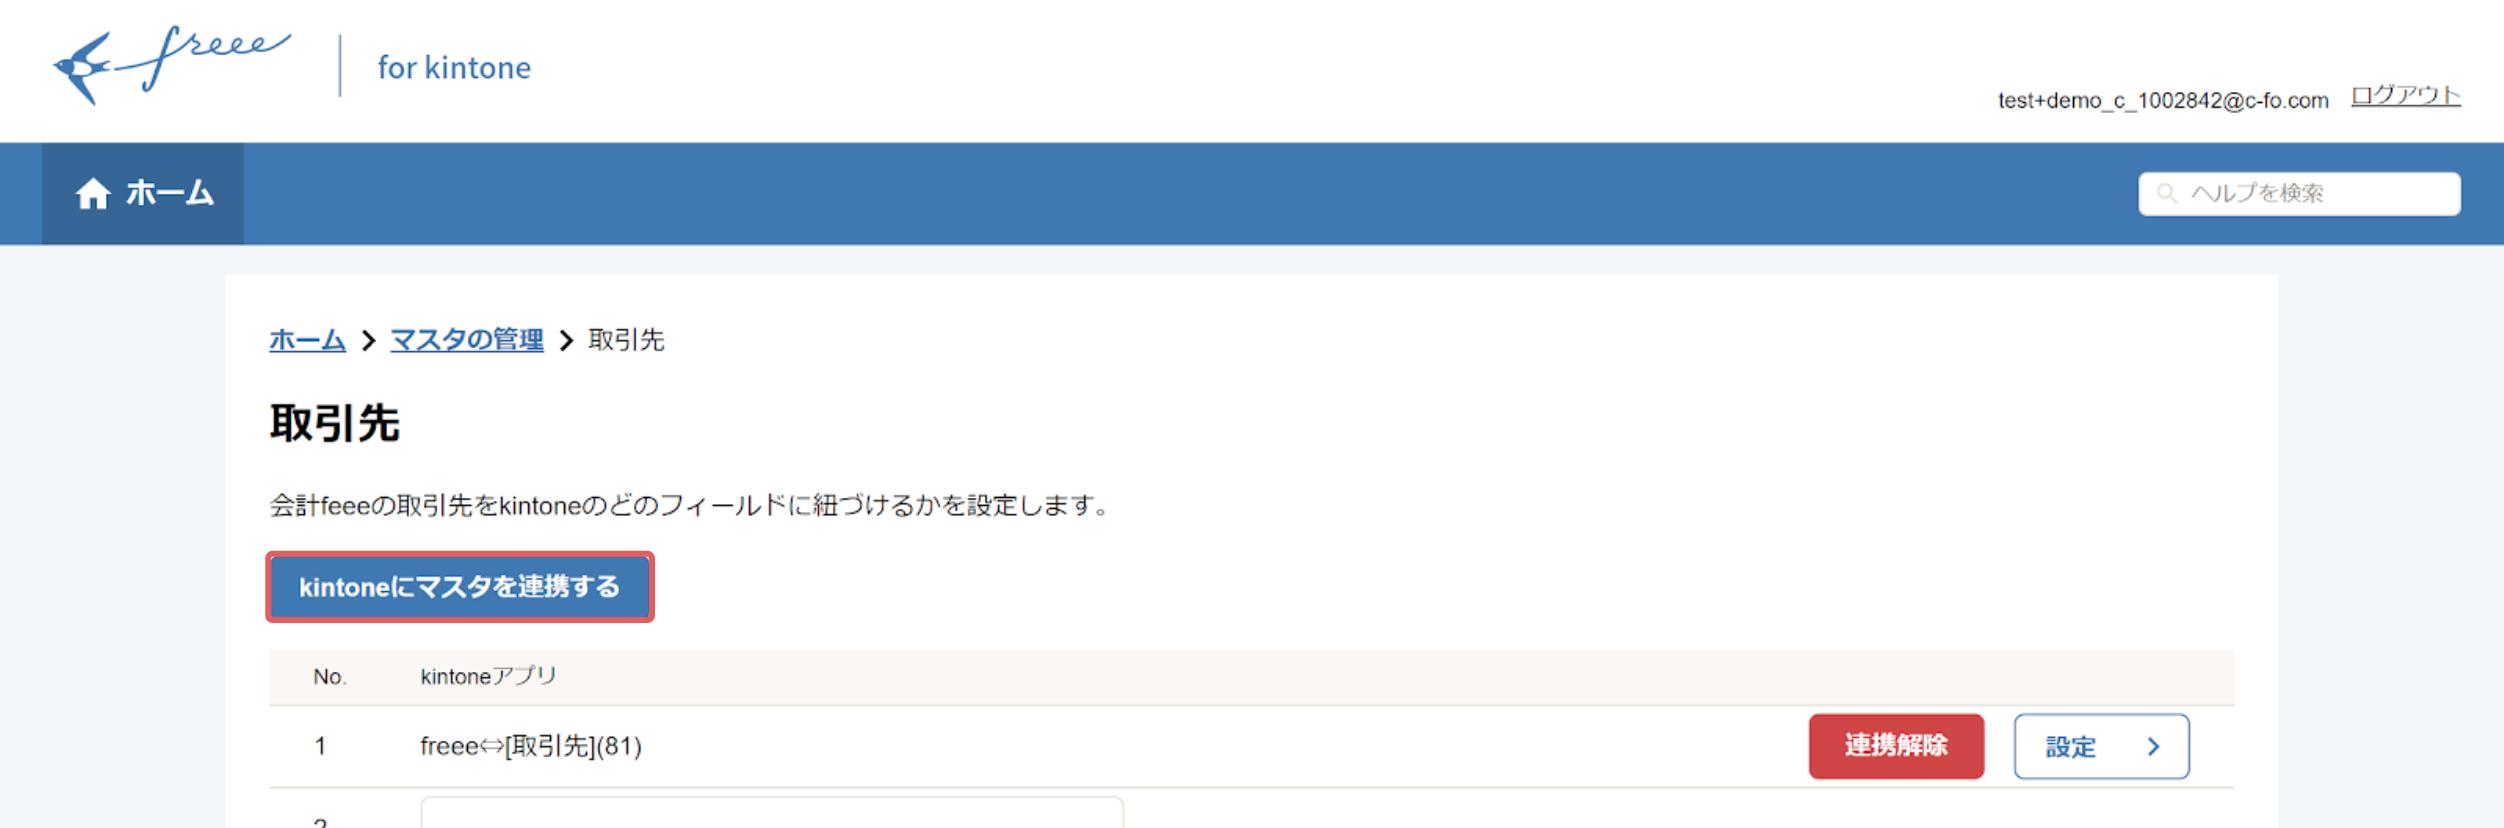 Screen_Shot_2020-07-09_at_16.25.04.png